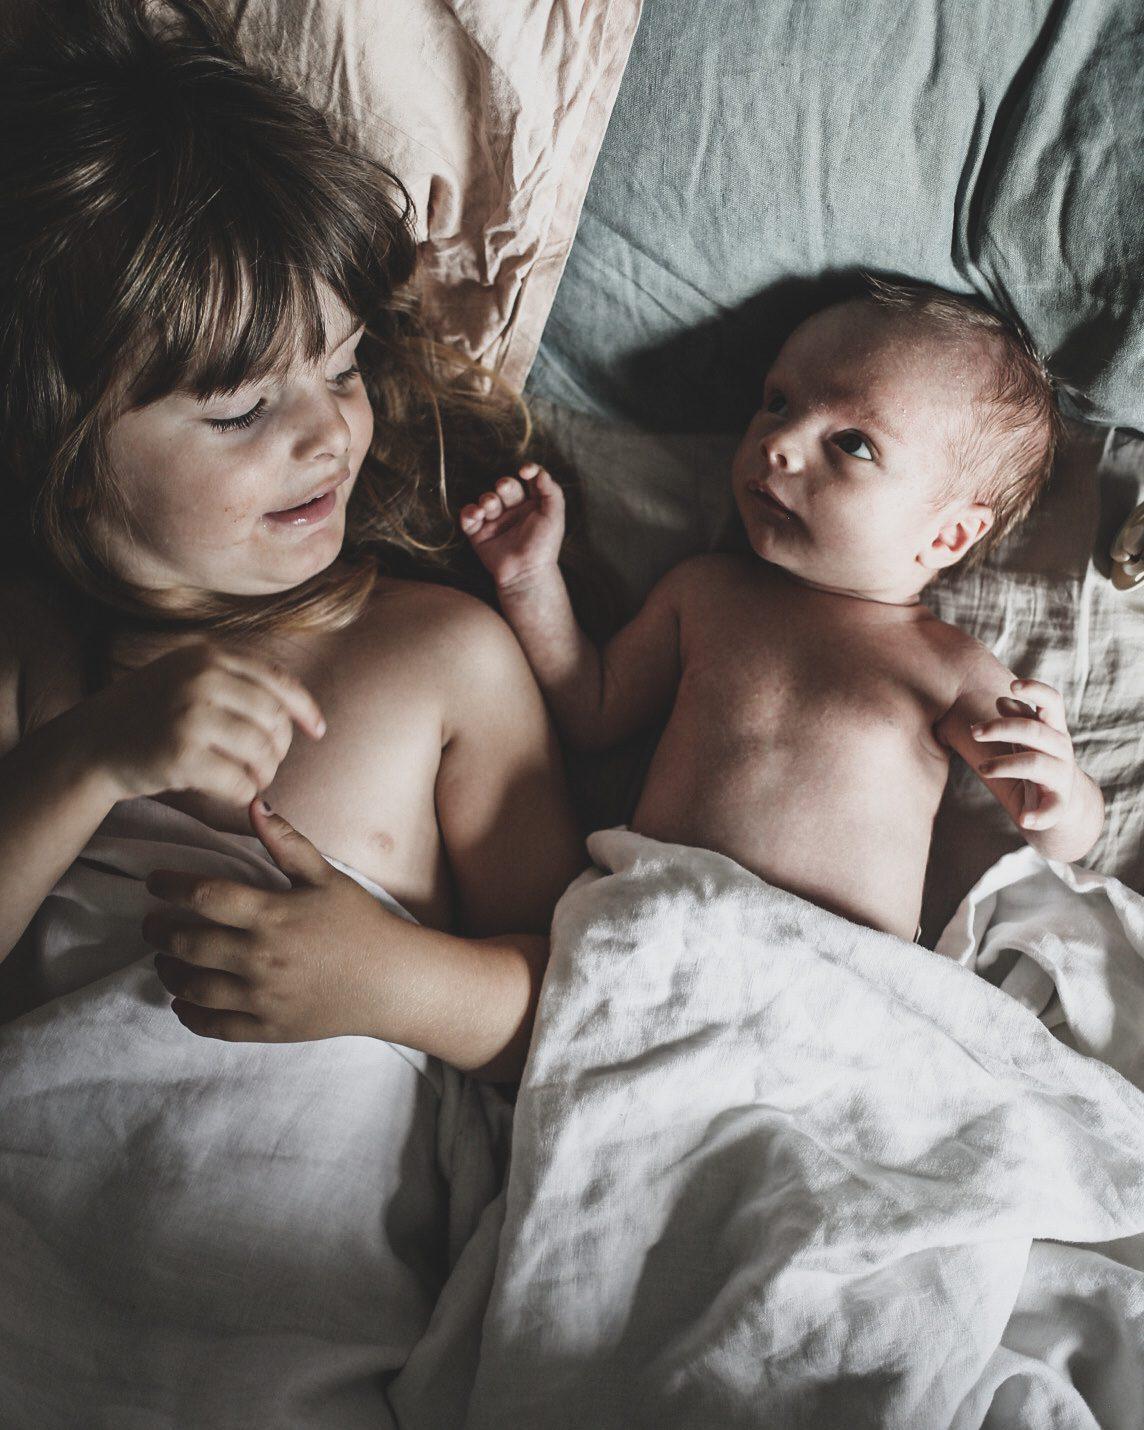 Lovely life barn att ha syskon